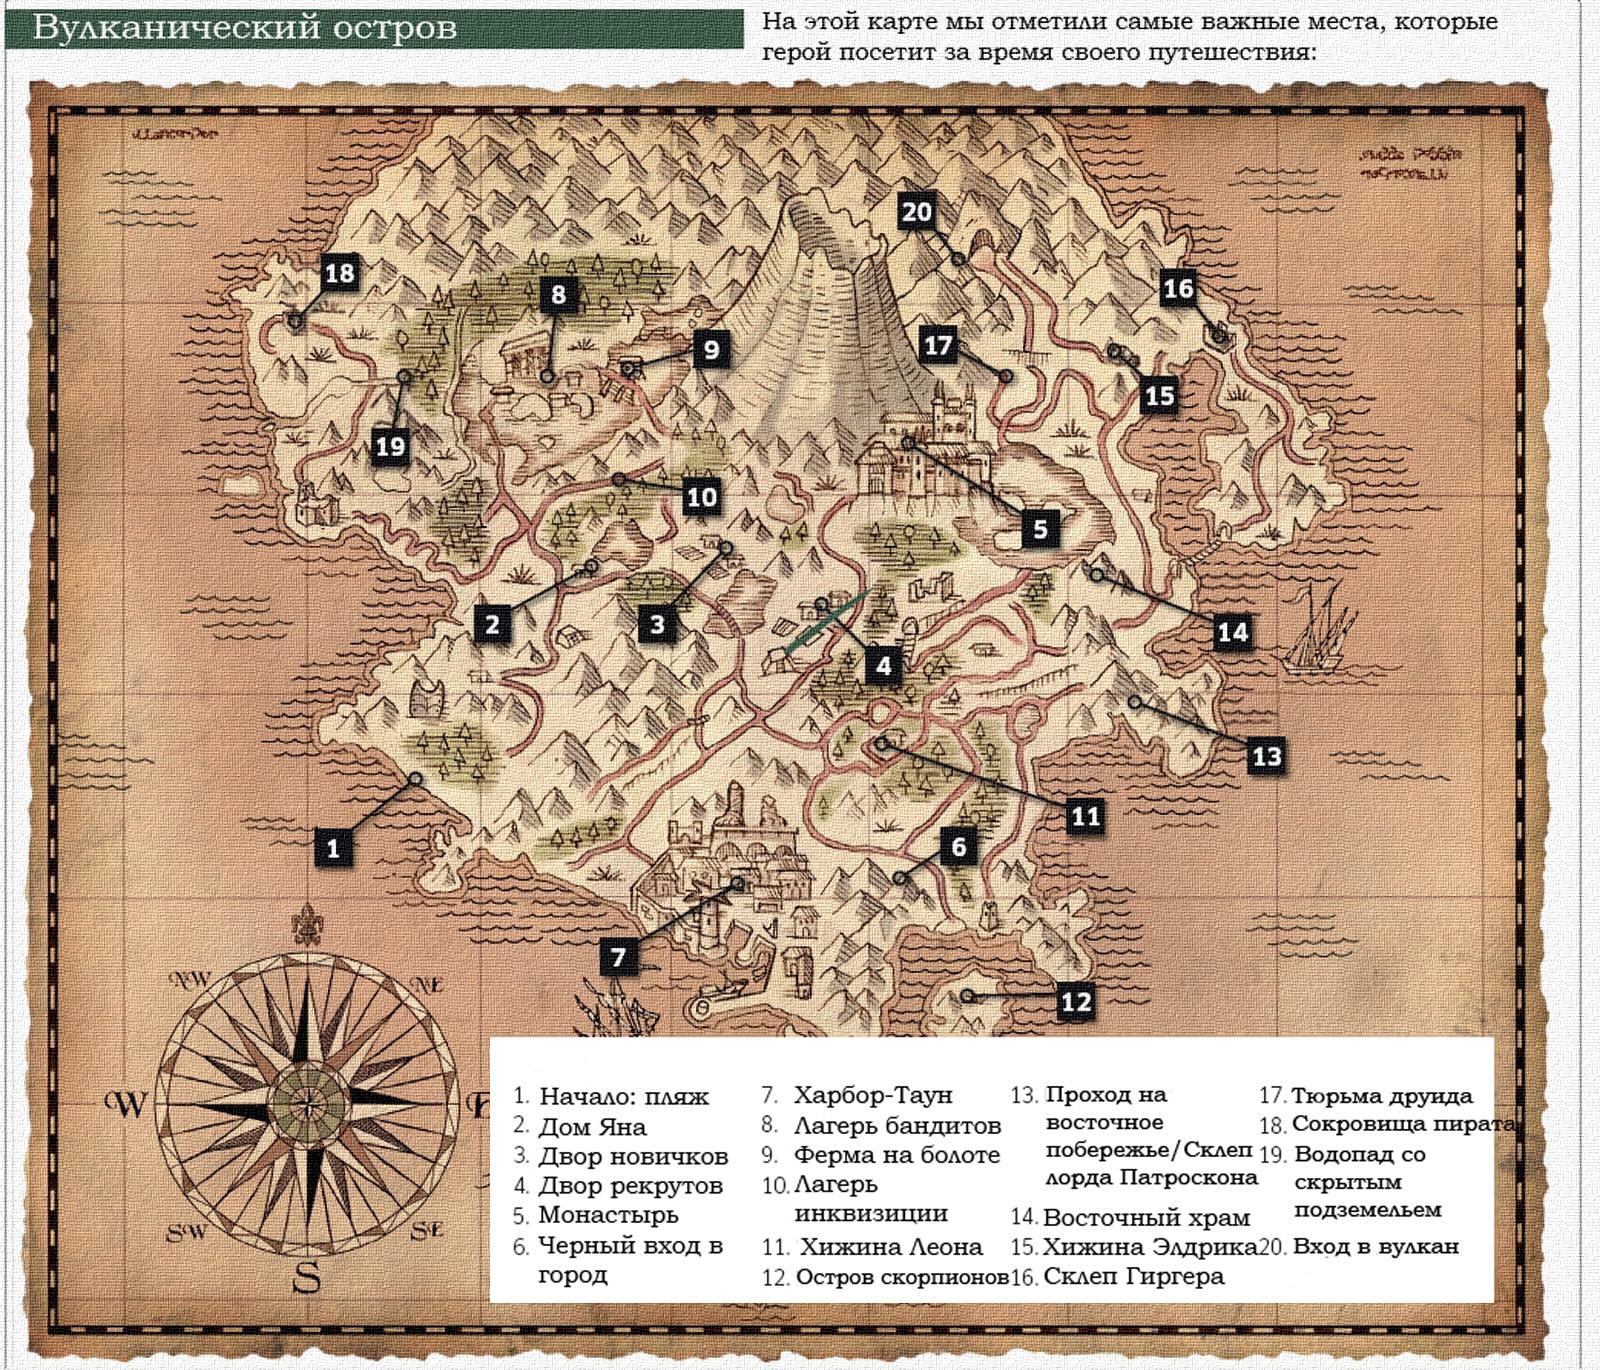 Рисен карты Ostrov